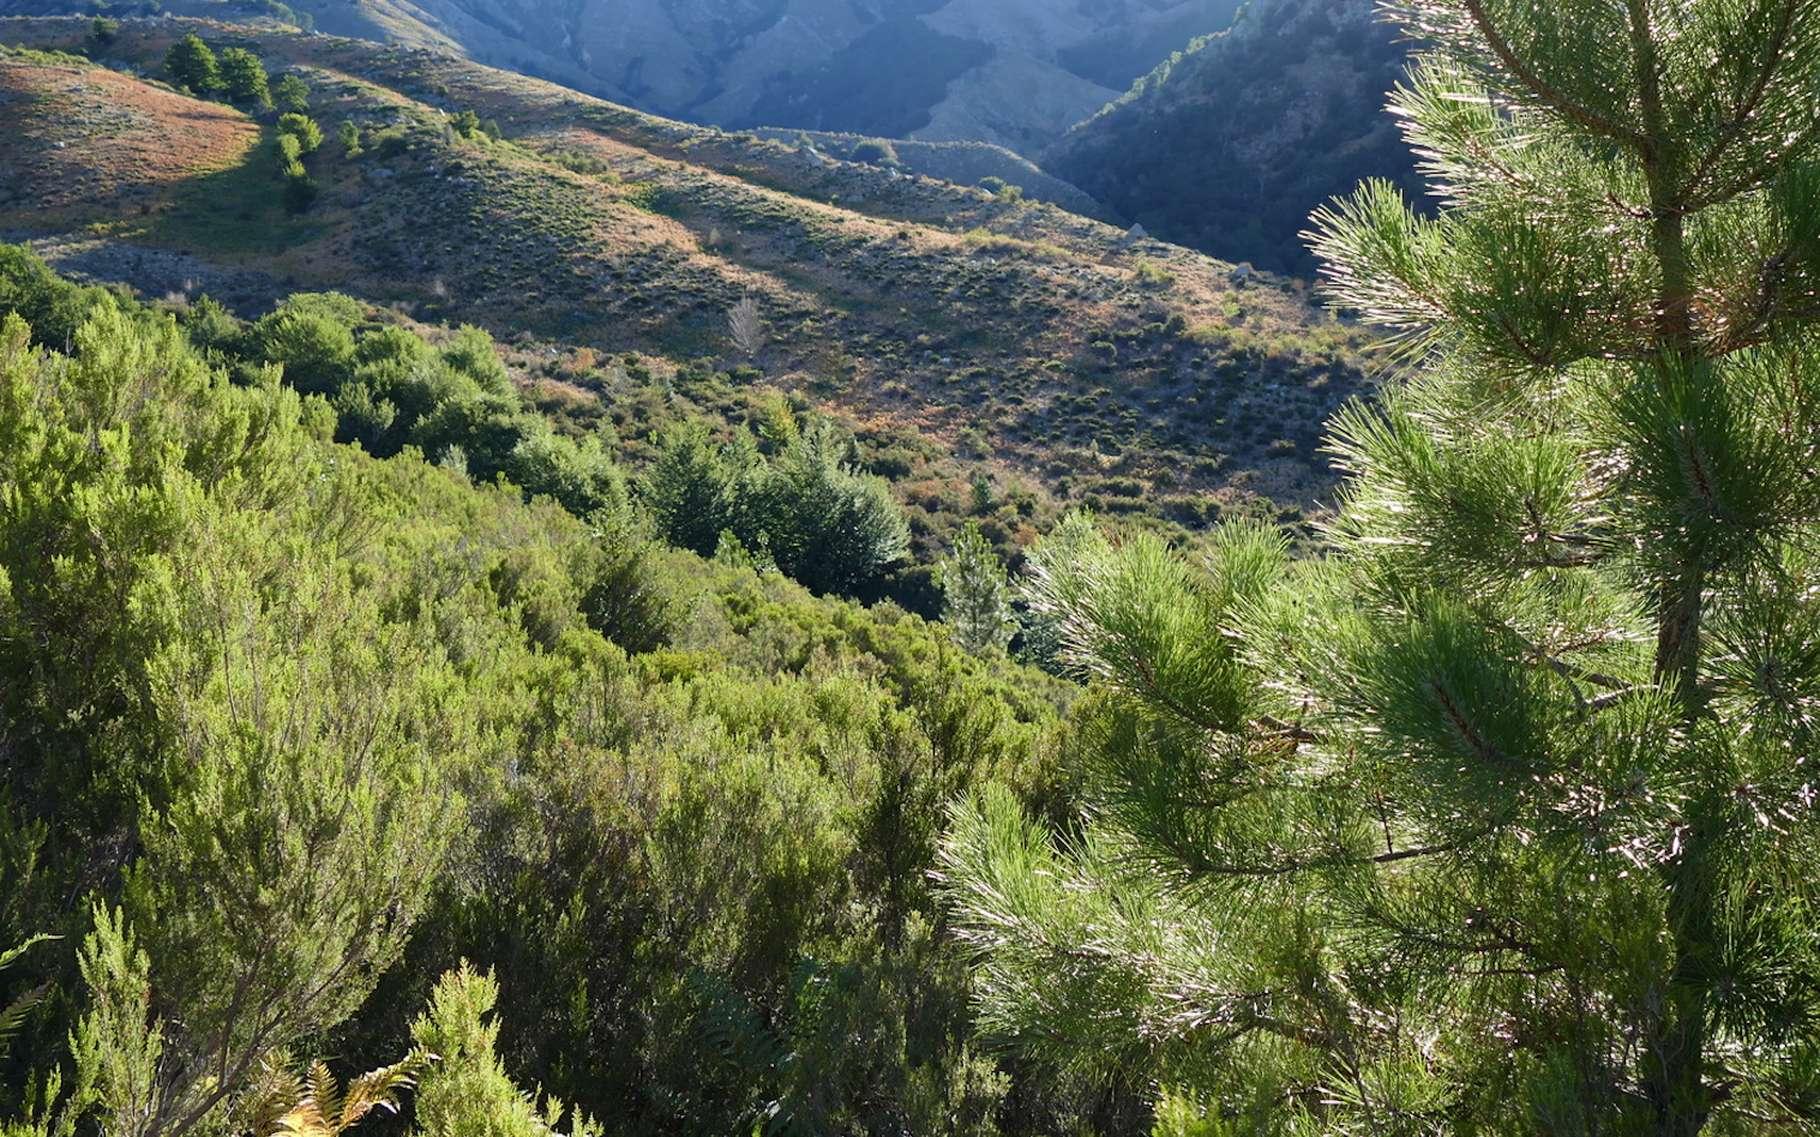 En Corse, le maquis est particulièrement présent. © pipobimbo, Fotolia